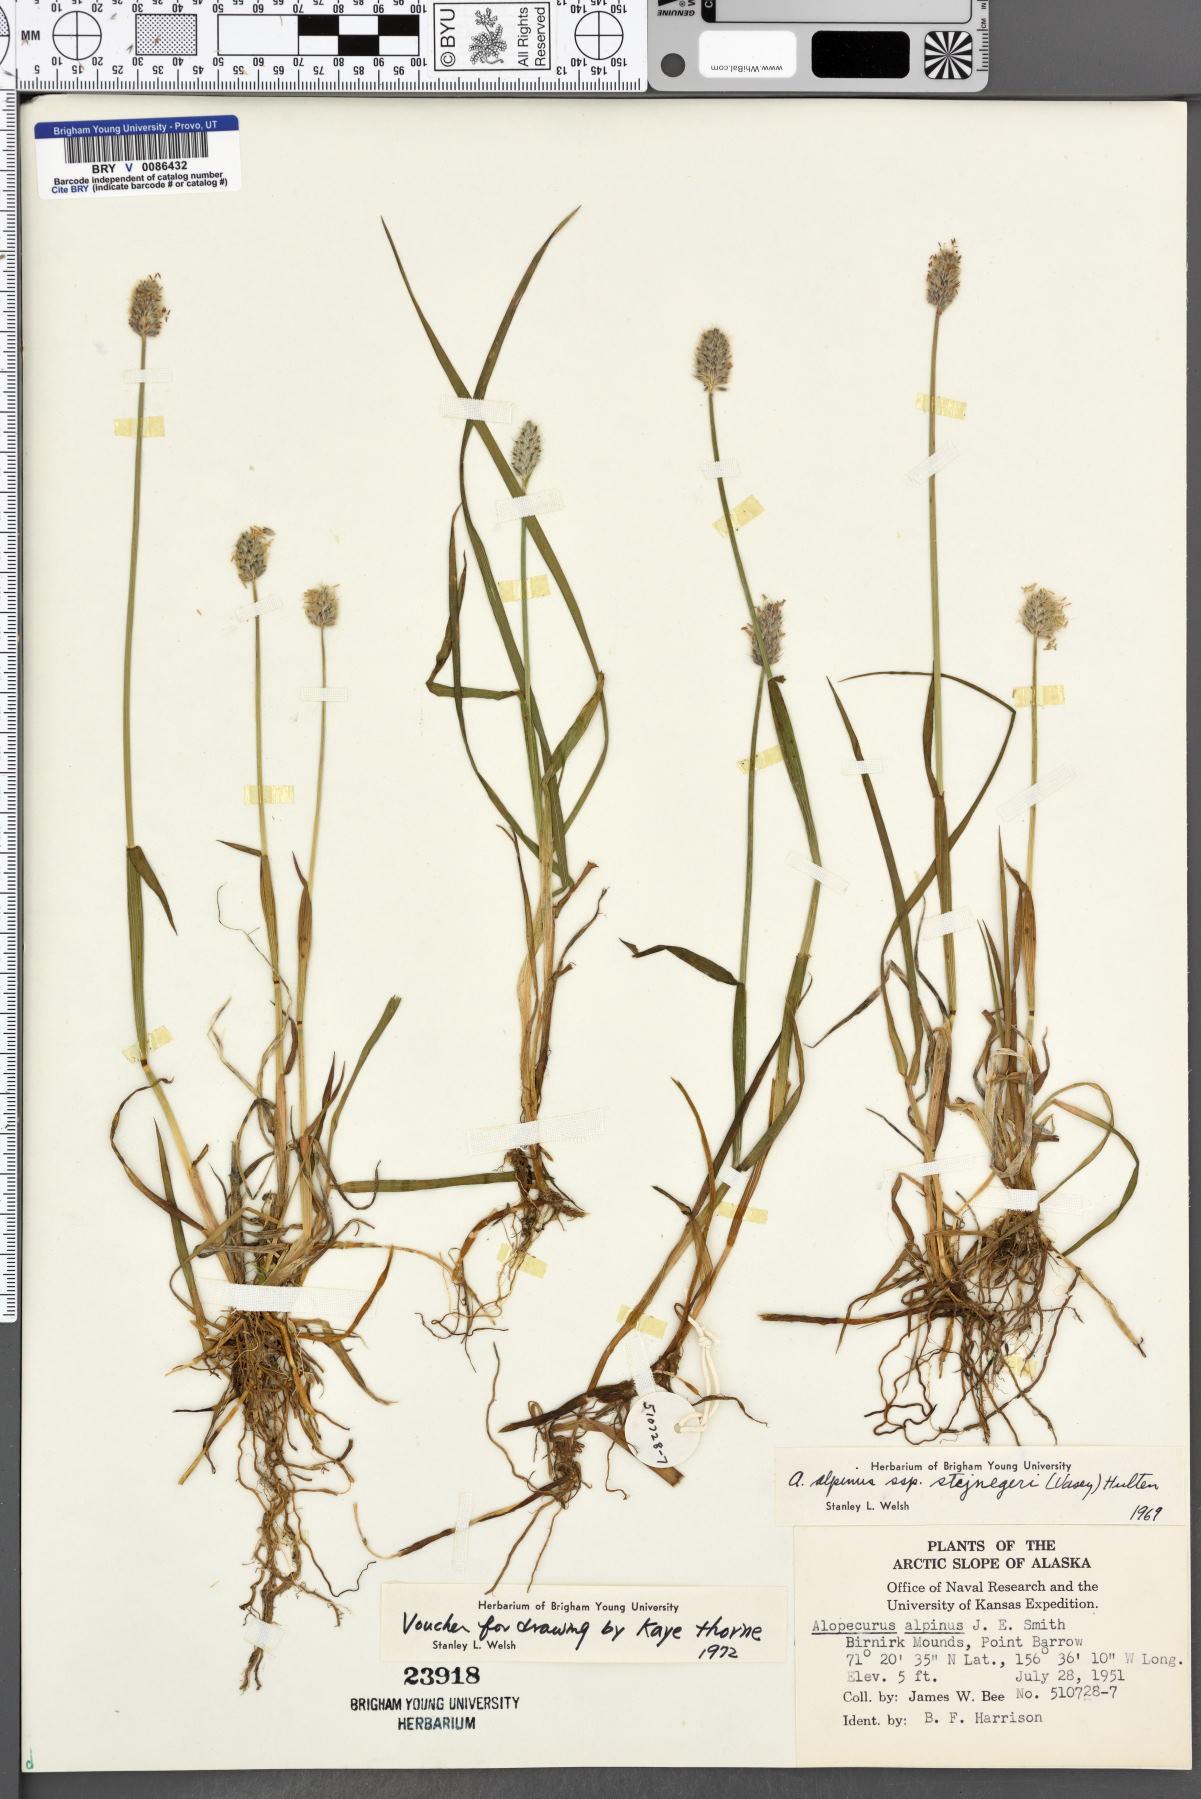 Alopecurus alpinus subsp. stejnegeri image